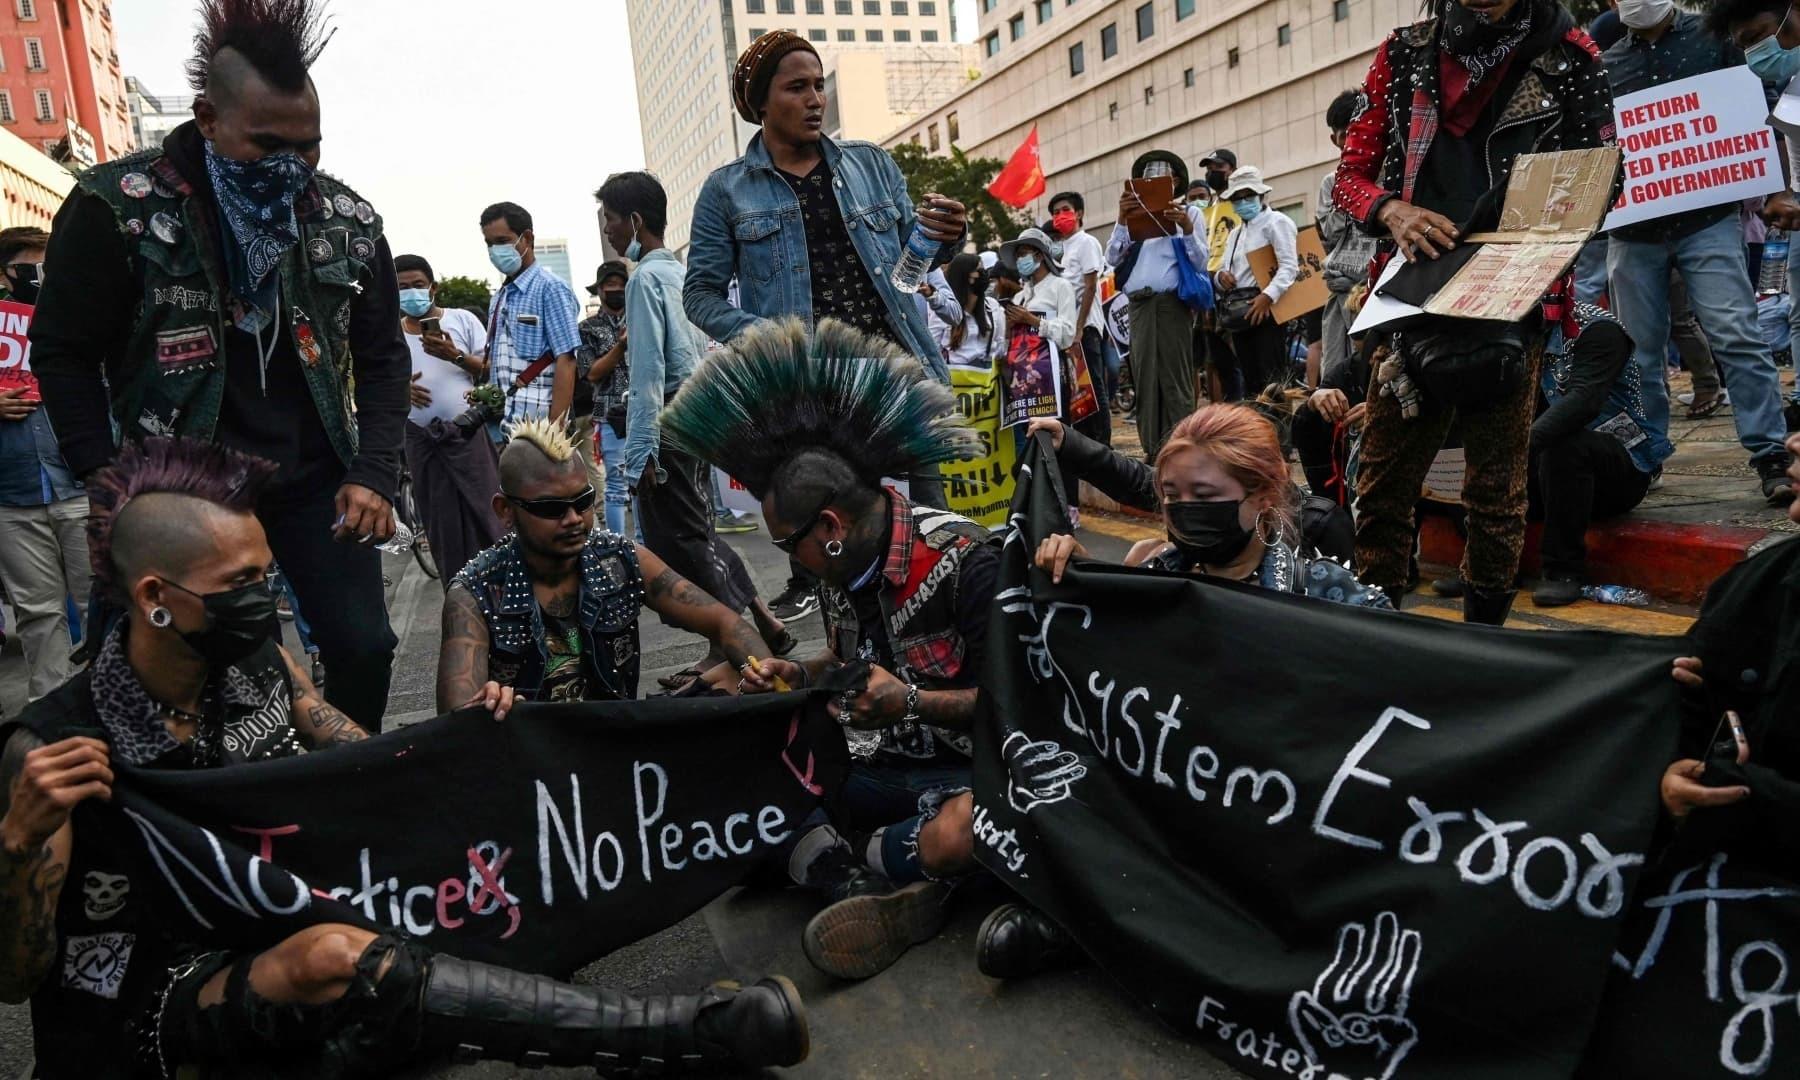 ینگون میں مختلف شعبہ ہائے زندگی سے تعلق رکھنے والے افراد نے فوج کے خلاف مظاہرہ کیا—فوٹو: اے ایف پی